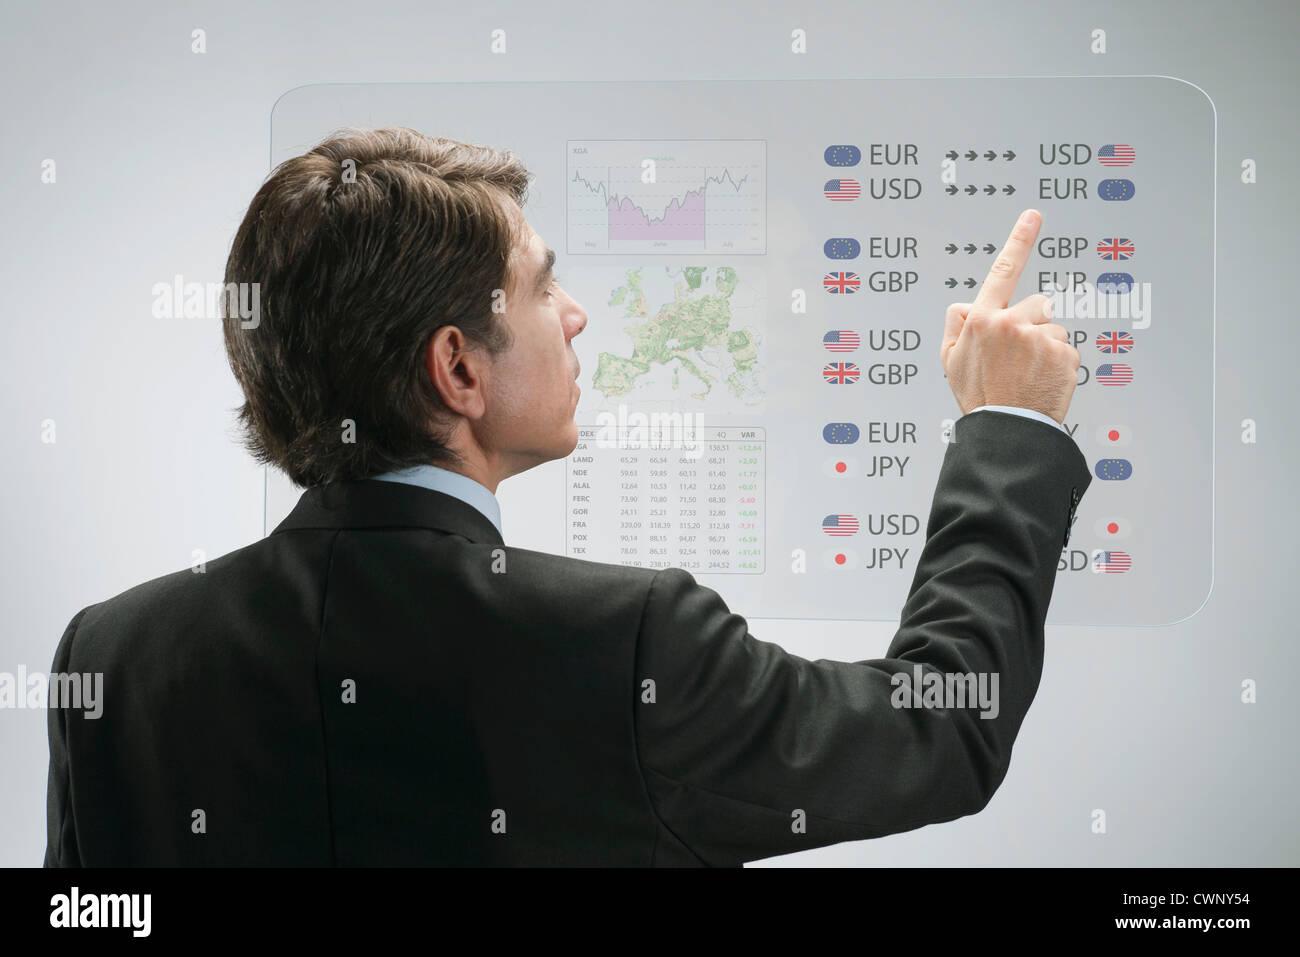 Imprenditore utilizzando l'avanzata tecnologia touch screen per la visualizzazione dei dati aziendali Immagini Stock